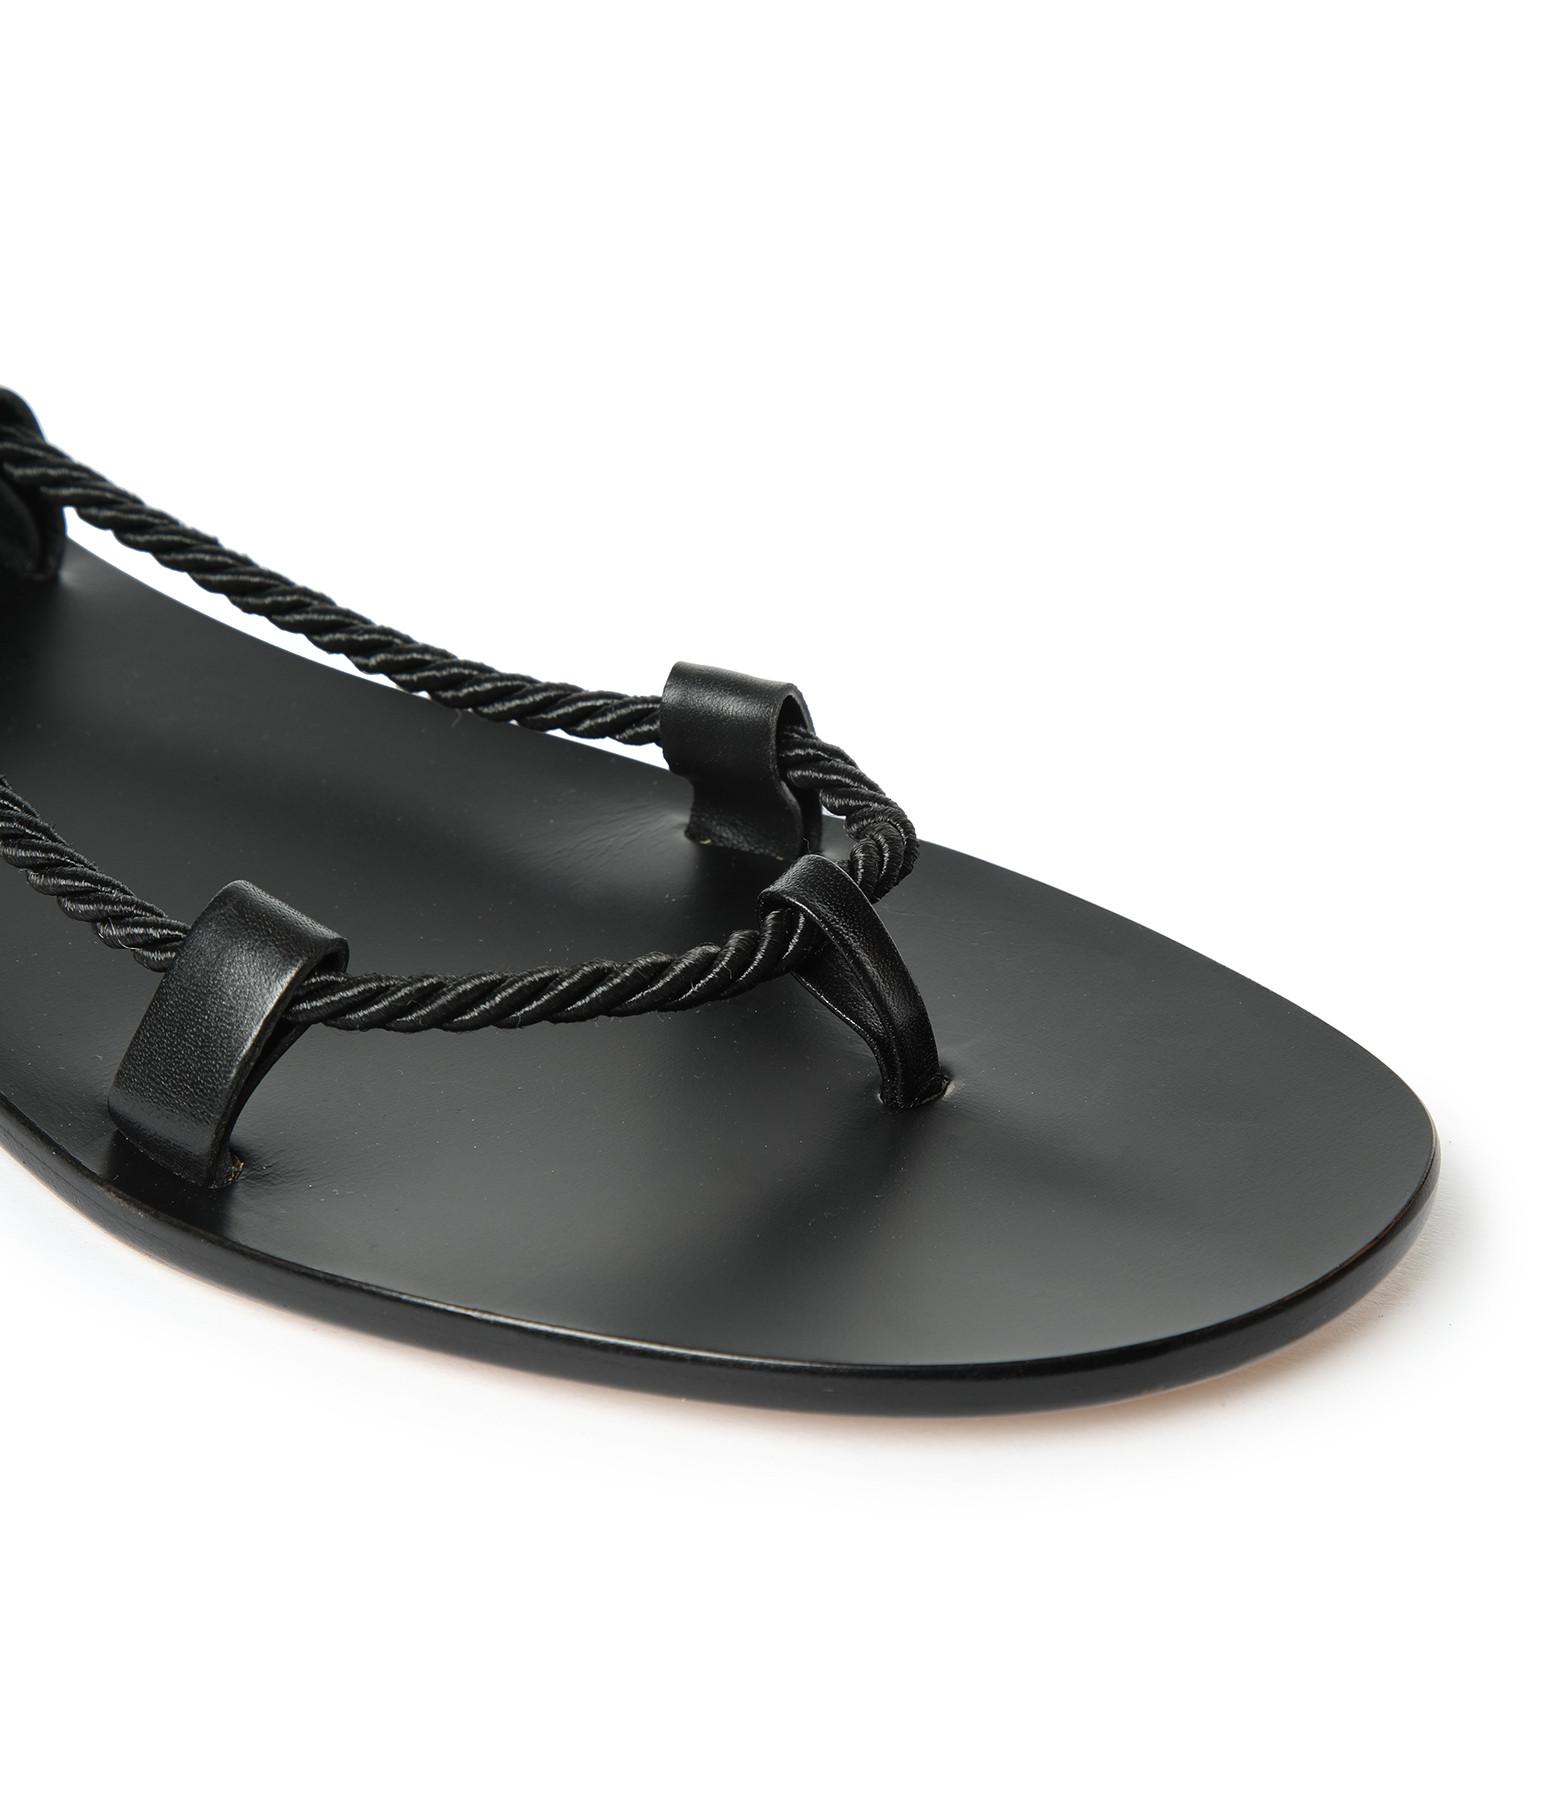 TARAH BLANCHE - Sandales Gladiateur Cuir Noir Cordes Noir